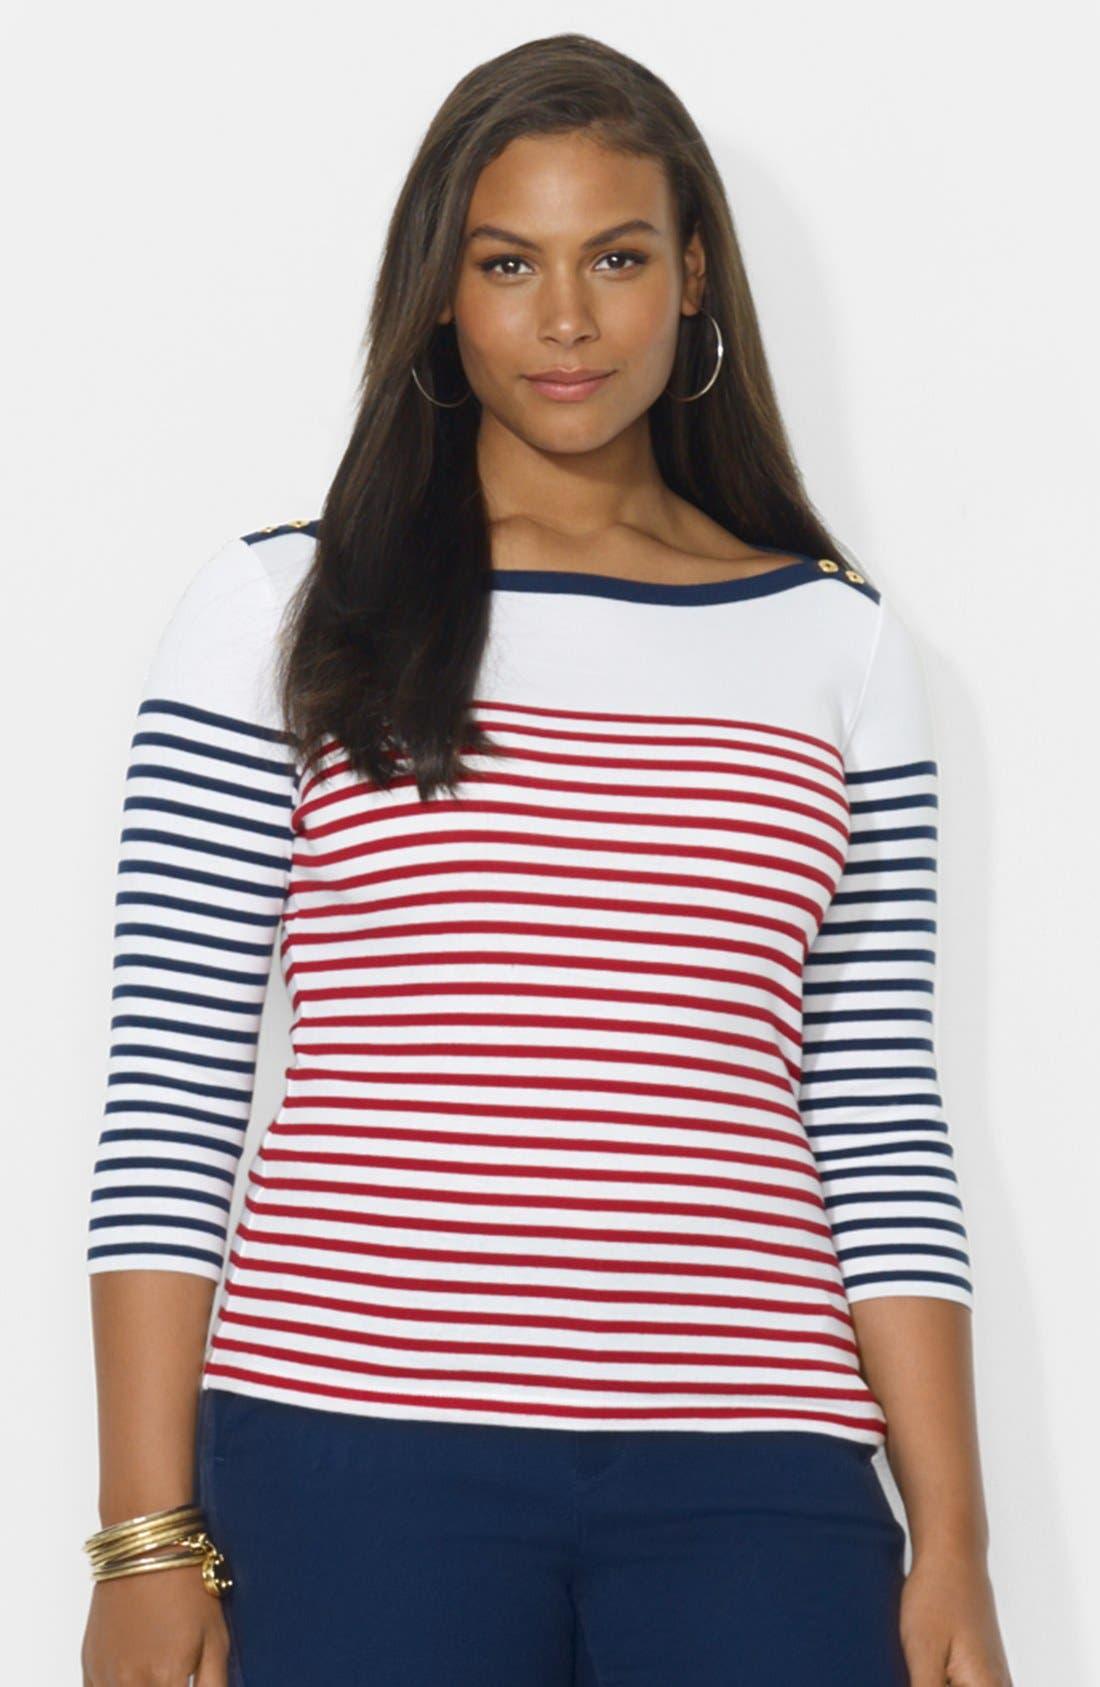 Main Image - Lauren Ralph Lauren Contrast Striped Top (Plus Size)